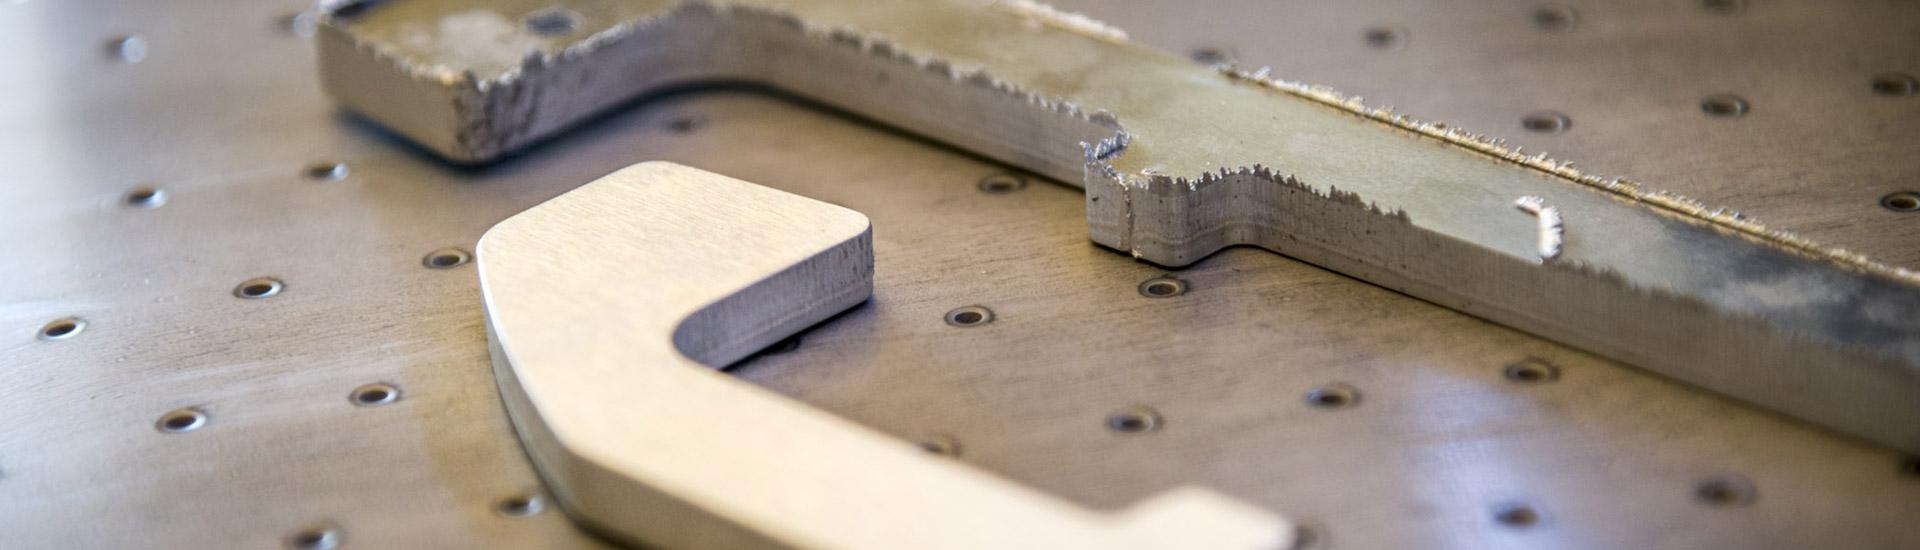 ebavurage-de-pieces-metaliques